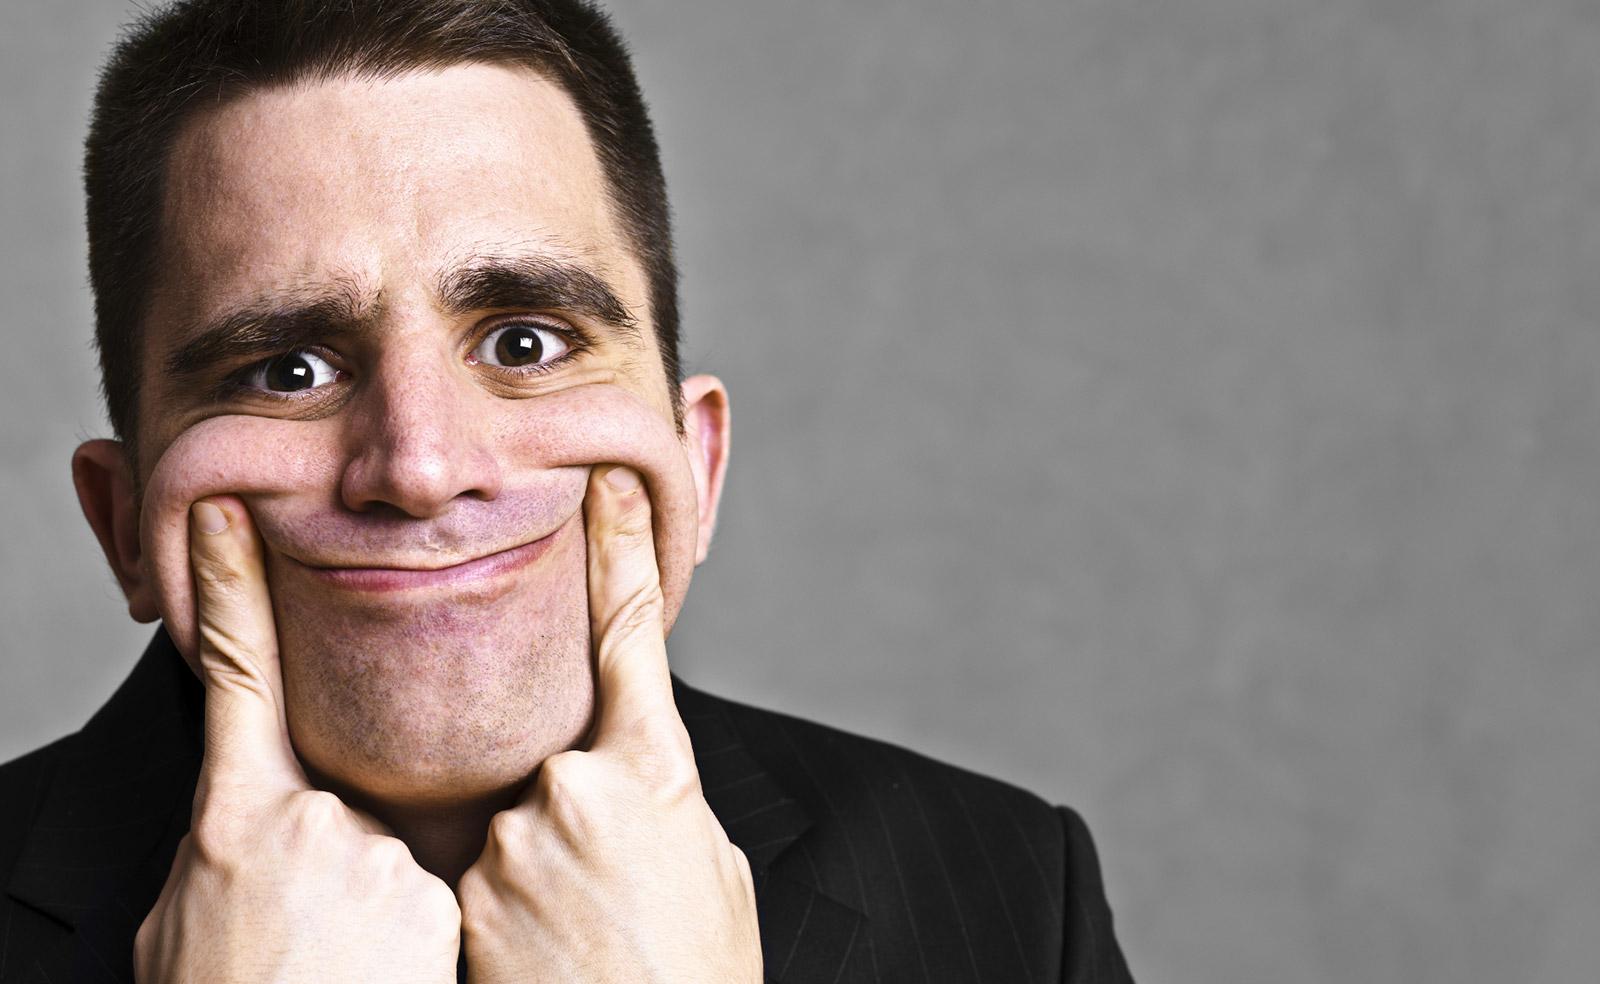 Hombre forzando una sonrisa con sus dedos